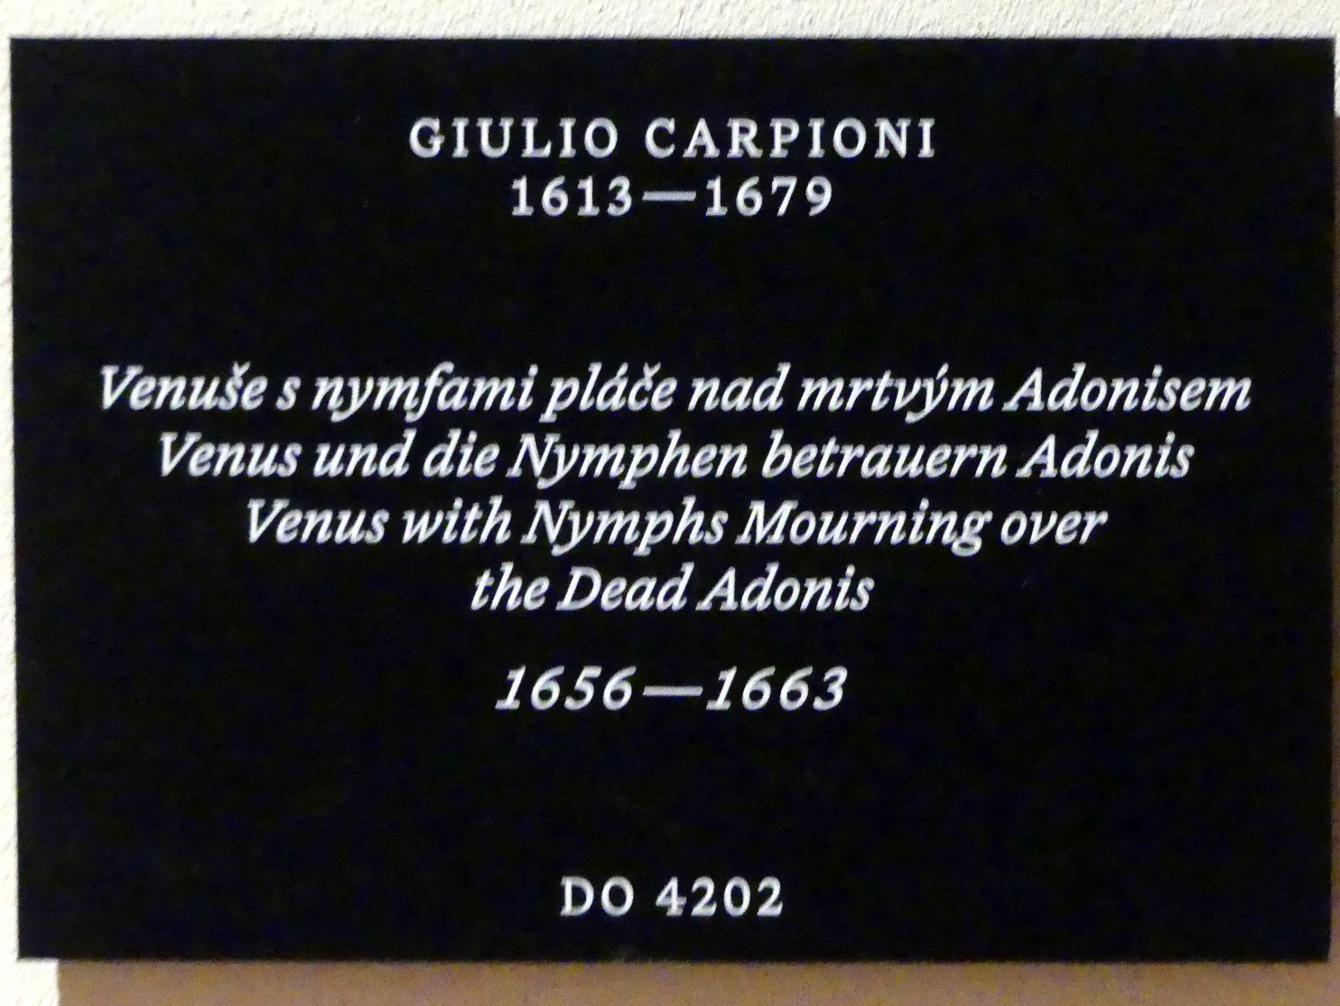 Giulio Carpioni: Venus und die Nymphen betrauern Adonis, 1656 - 1663, Bild 2/2